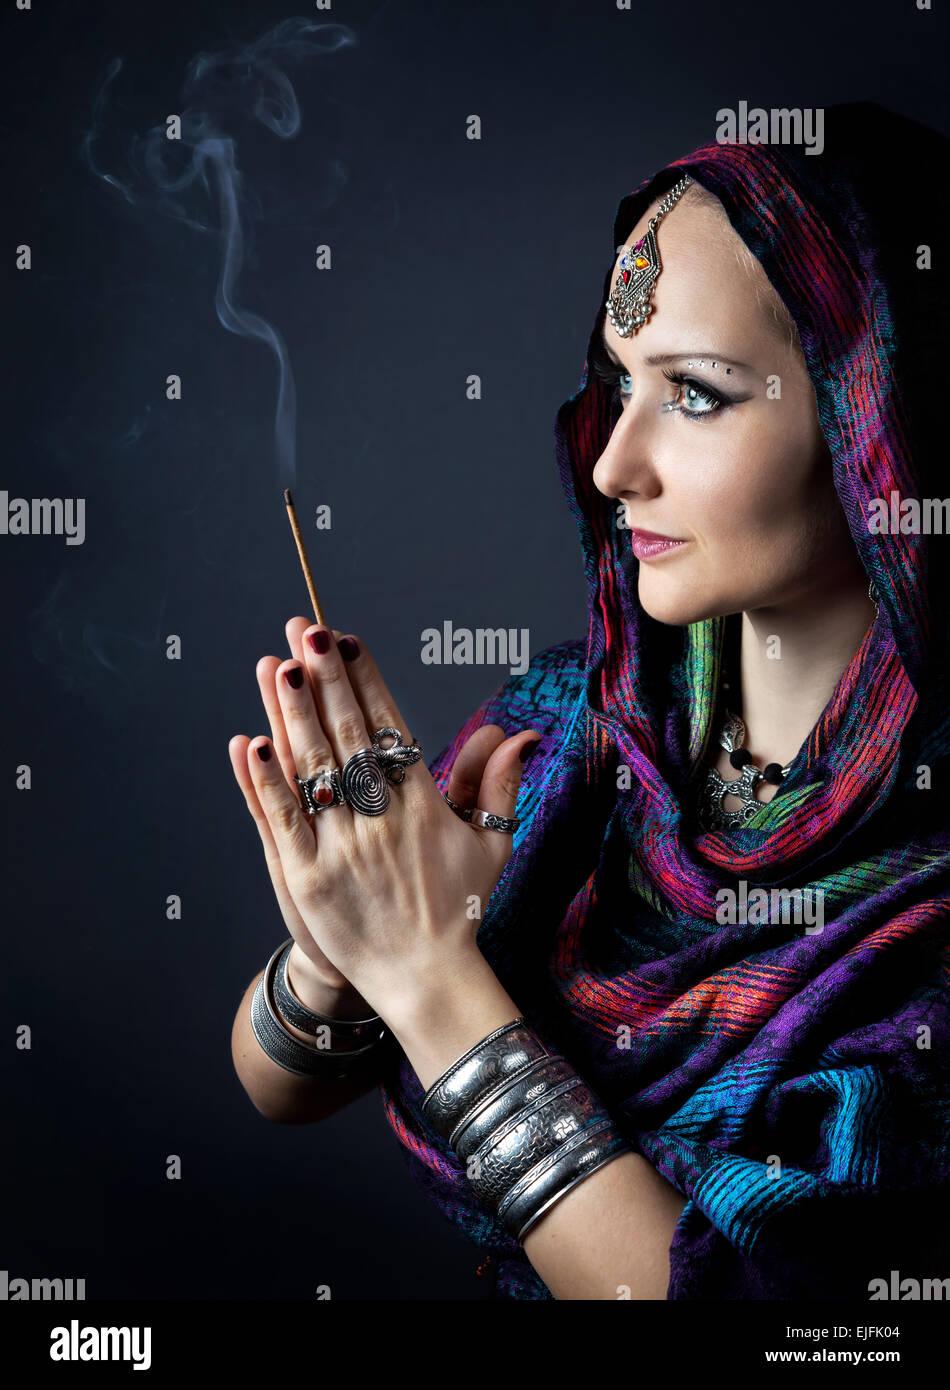 Foulard femme enveloppée dans holding bâton d'encens dans les mains à fond sombre au geste Namaste Photo Stock